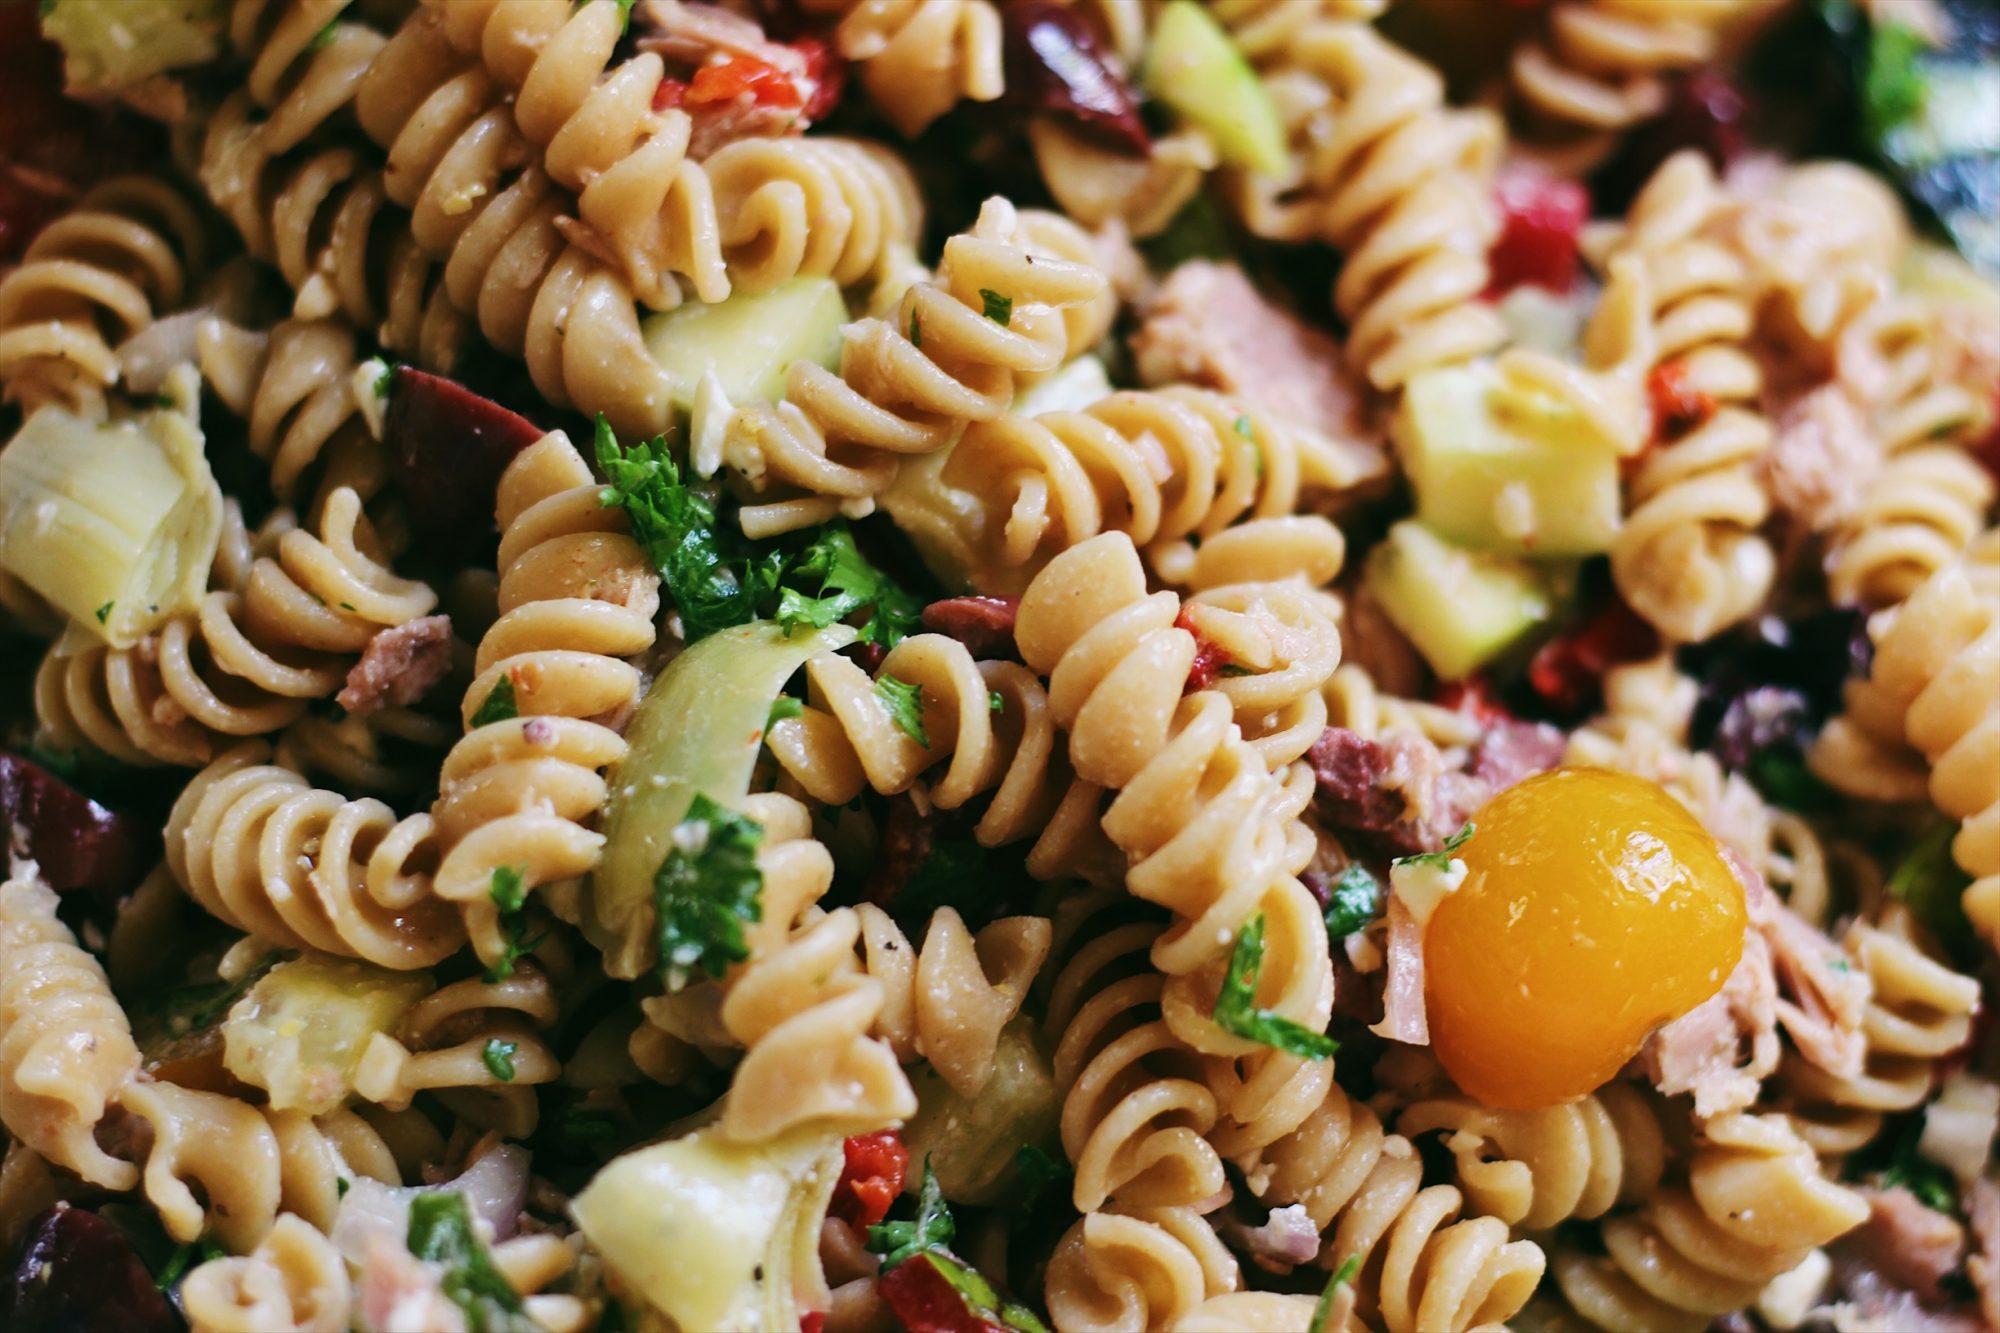 Whole Foods Mediterranean Pasta Salad Recipe